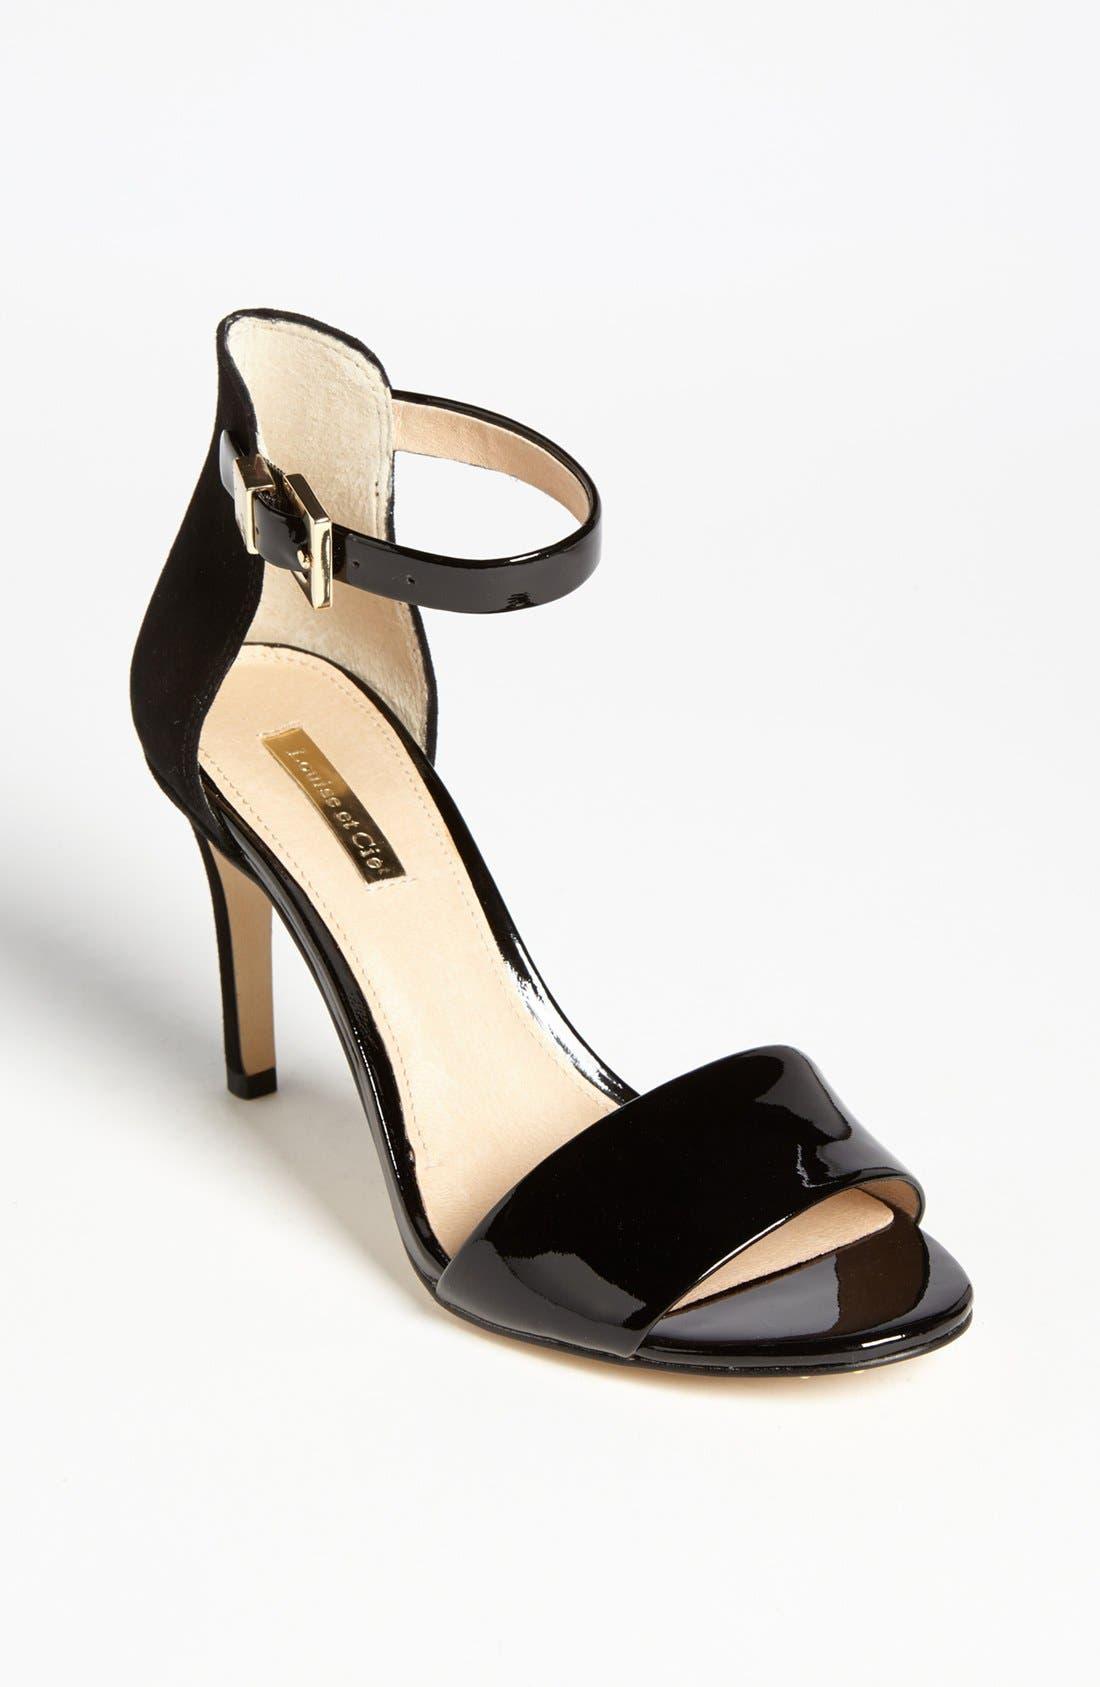 Main Image - Louise et Cie 'Olive' Sandal